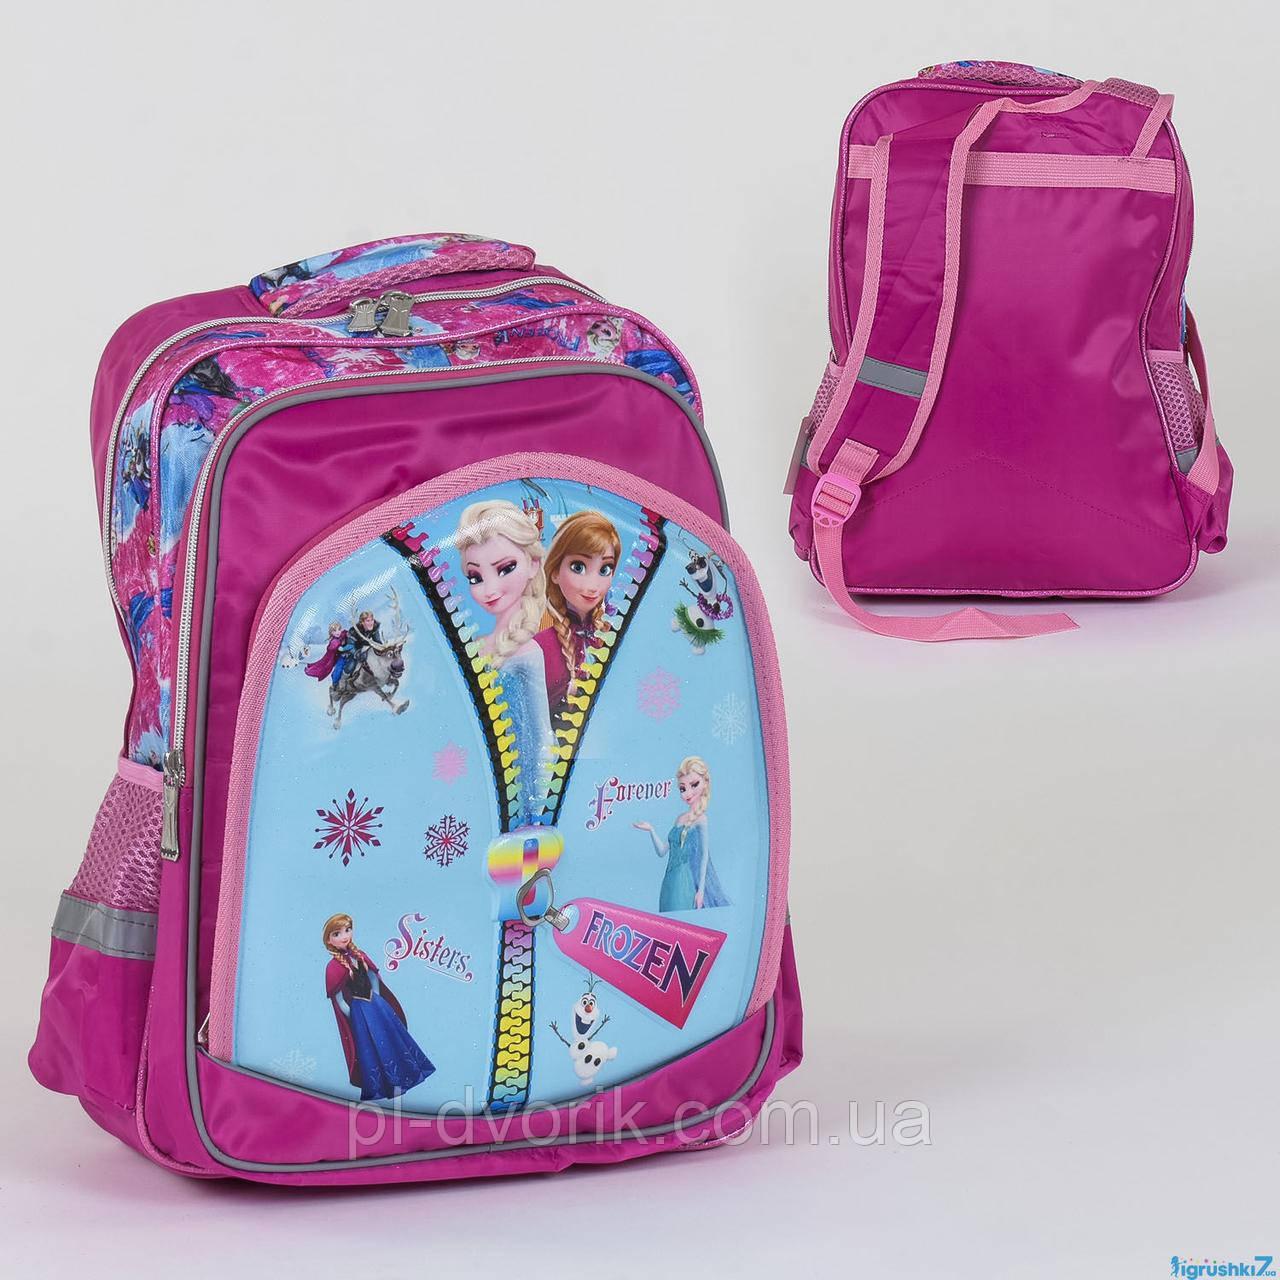 Рюкзак школьный С 36262 (50) 2 отделения, 3 кармана, 3D принт  Размер упаковки:30 х 5 х 40 см Упаковка:Пакет